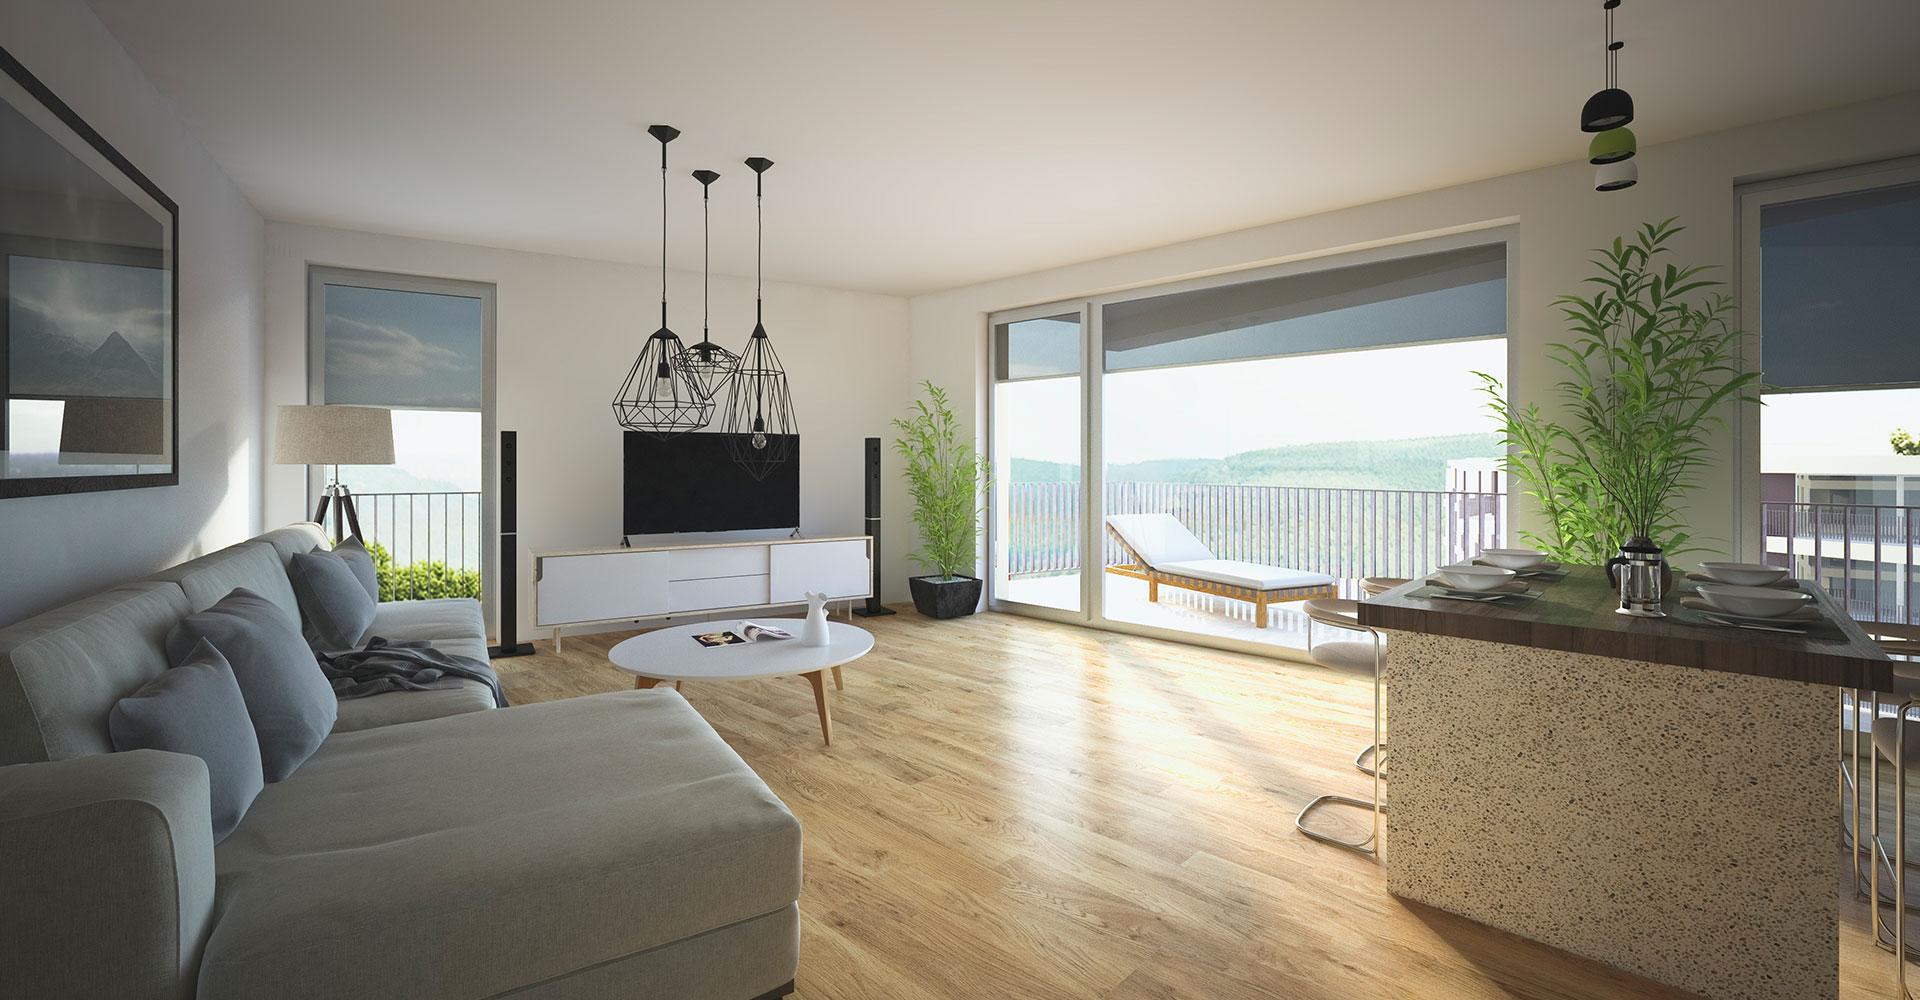 OPUS Marketing / Projekte / Panorama³ / Visualisierungen / Wohnzimmer / Tagsüber